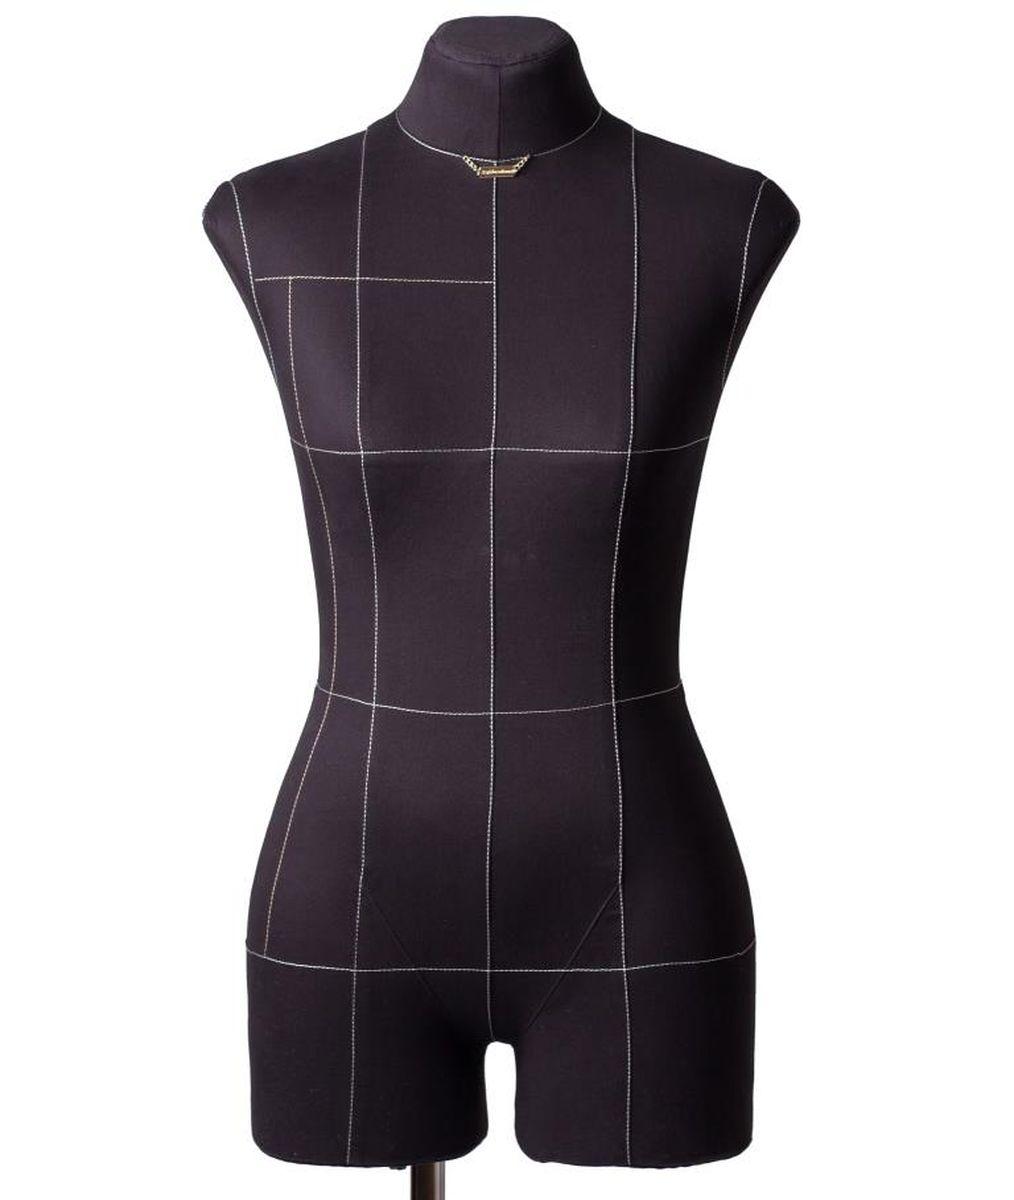 Манекен портновский Royal Dress forms Monica, с подставкой, женский, цвет: черный. Размер 444607824123449Портновский женский манекен премиум- класса, с удобной подставкой и детальными формами человеческого тела. Его основные преимущества: манекен имеет конструкторские линии, которые незаменимы при конструировании одежды; манекен не боится высоких температур, поэтому на нем можно отпаривать одежду, не боясь за деформацию основы; можно накалывать изделия булавками; можно сжимать, чтобы надеть нерастяжимые изделия; не боится падений и сколов. Дополнительно возможно присоединять к манекену руки. Они приобретаются отдельно. Основа манекена выполнена из эластичного полимерного материала. Обтяжка 100 % хлопок, съемная, предлагается в двух вариантах: бежевый и черный. Подставка «Милан» идет в комплекте с манекеном! Подставка с четырьмя ножками на калесах со стопорными фиксаторами. Размерный ряд (2-ая полнотная группа). Размер 44: Объем груди- 88 см, Объем талии- 71 см, Объем бедер-96 см